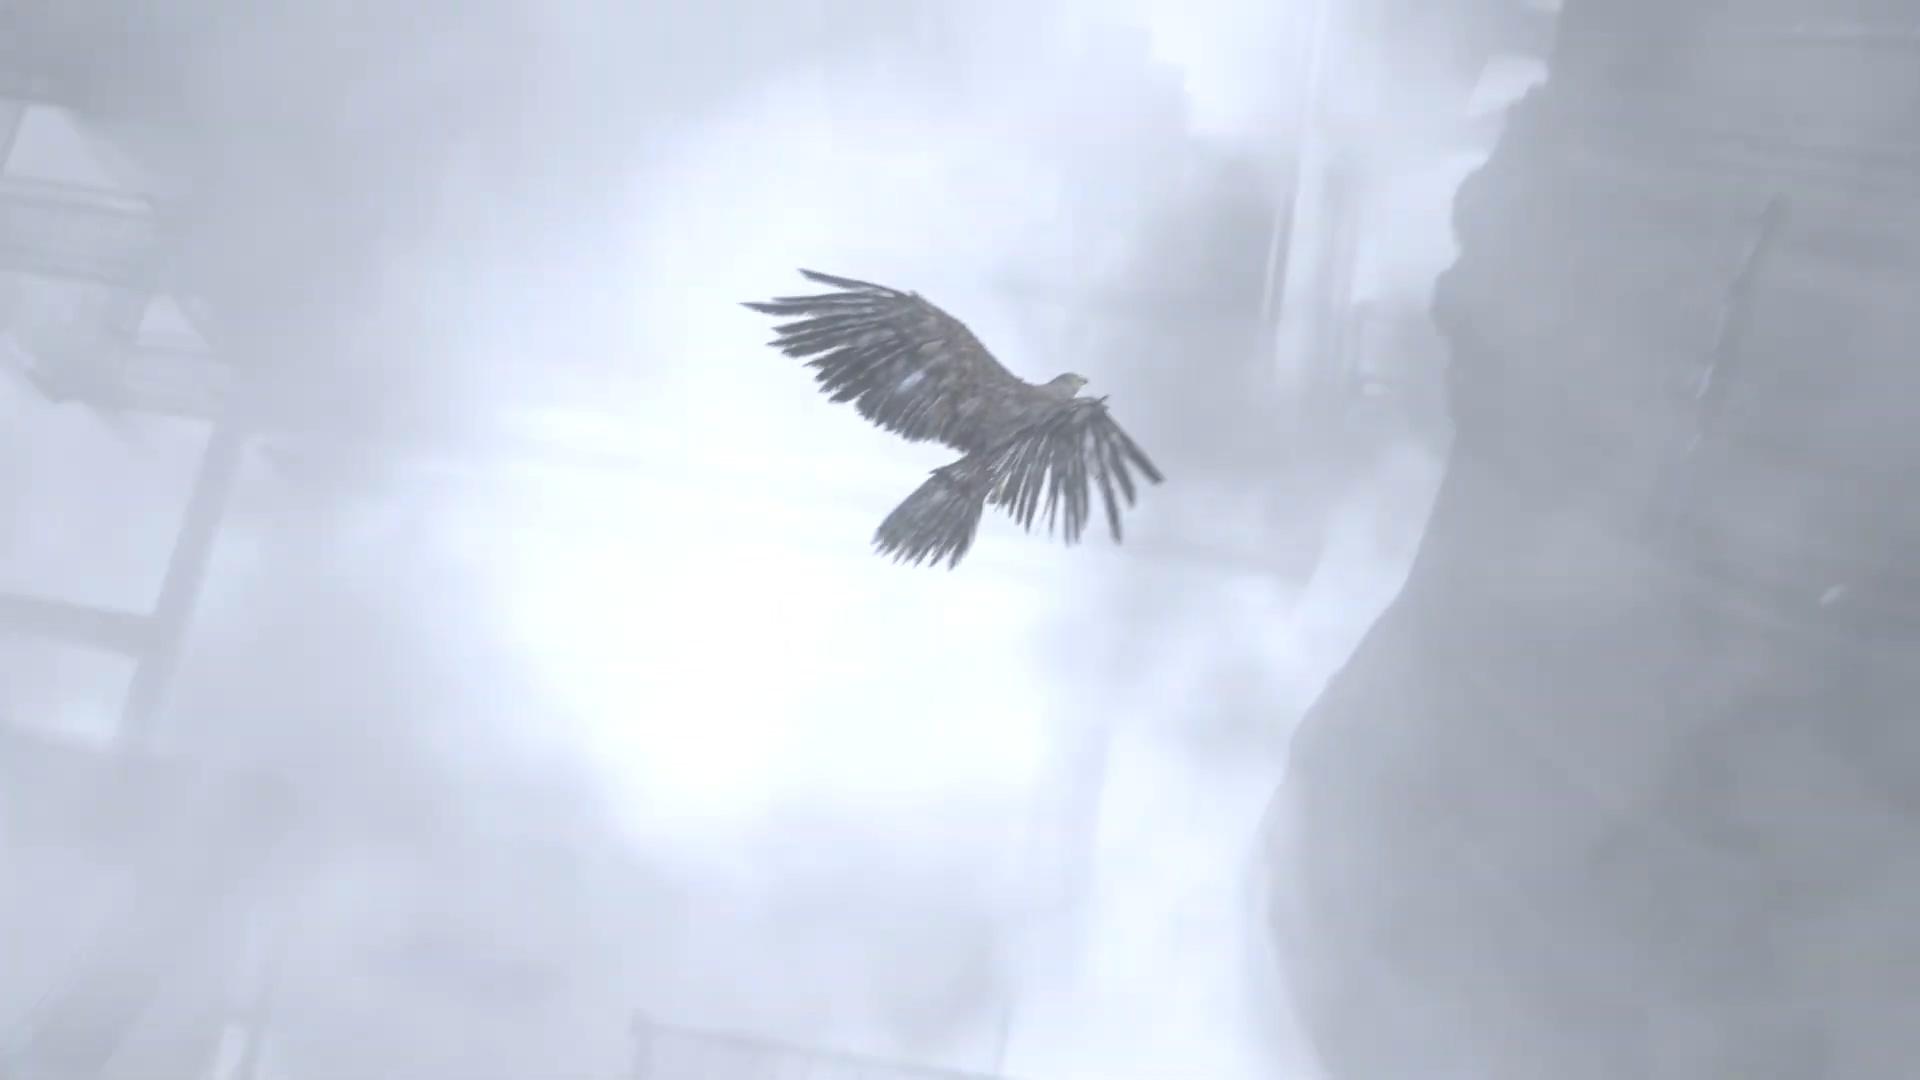 《最终幻想7:重制版》5分钟开场动画公开 战斗一触即发